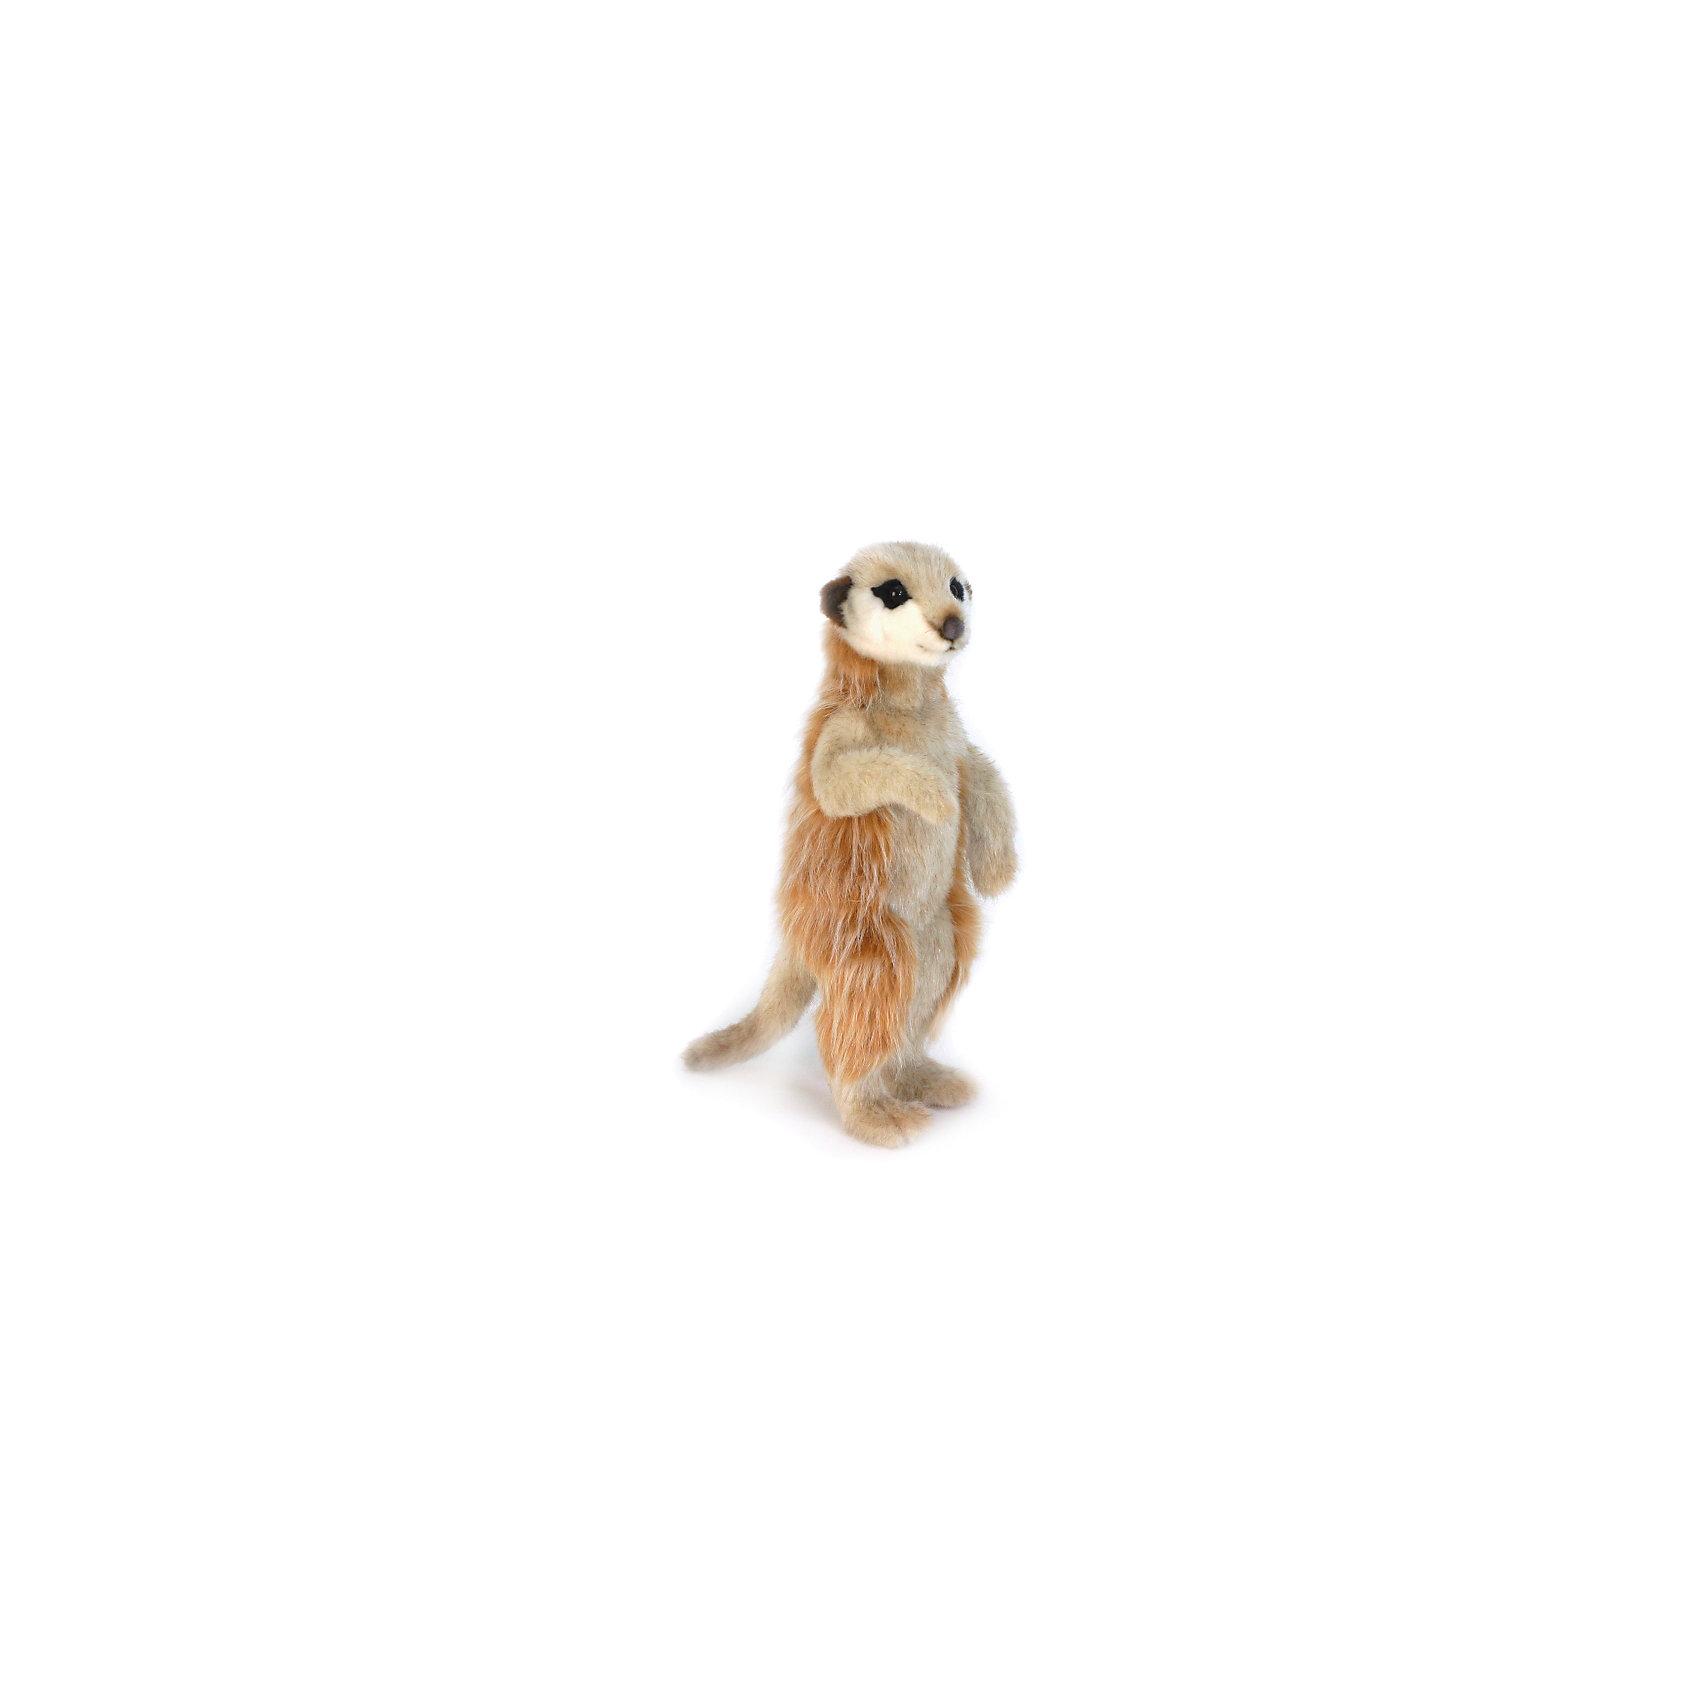 Сурикат, 33 смЗвери и птицы<br>Сурикат, 33 см – игрушка от знаменитого бренда Hansa, специализирующегося на выпуске мягких игрушек с высокой степенью натуралистичности. Внешний вид игрушки полностью соответствует реальному прототипу – сурикату. Он выполнен из искусственного меха с разной длиной ворса. Окрас меха выполнен в оранжево-коричневом цвете. Внутри имеется металлический каркас, который позволяет изменять положение. <br>Игрушка относится к серии Дикие животные. Выполнена из искусственного меха, обладающего гипоаллергенными свойствами.   <br>Мягкие игрушки от Hansa подходят для сюжетно-ролевых игр, для обучающих игр, направленных на знакомство с животным миром дикой природы. Кроме того, их можно использовать в качестве интерьерных игрушек. Коллекция из нескольких игрушек позволяет создать свой домашний зоопарк, который будет радовать вашего ребенка долгое время, так как ручная работа и качественные материалы гарантируют их долговечность и прочность.<br><br>Дополнительная информация:<br><br>- Вид игр: сюжетно-ролевые игры, коллекционирование, интерьерные игрушки<br>- Предназначение: для дома, для детских развивающих центров, для детских садов<br>- Материал: искусственный мех, наполнитель ? полиэфирное волокно<br>- Размер (ДхШхВ): 15*33*13 см<br>- Вес: 375 г<br>- Особенности ухода: сухая чистка при помощи пылесоса или щетки для одежды<br><br>Подробнее:<br><br>• Для детей в возрасте: от 3 лет <br>• Страна производитель: Филиппины<br>• Торговый бренд: Hansa<br><br>Суриката, 33 см можно купить в нашем интернет-магазине.<br><br>Ширина мм: 15<br>Глубина мм: 33<br>Высота мм: 13<br>Вес г: 375<br>Возраст от месяцев: 36<br>Возраст до месяцев: 2147483647<br>Пол: Унисекс<br>Возраст: Детский<br>SKU: 4927208